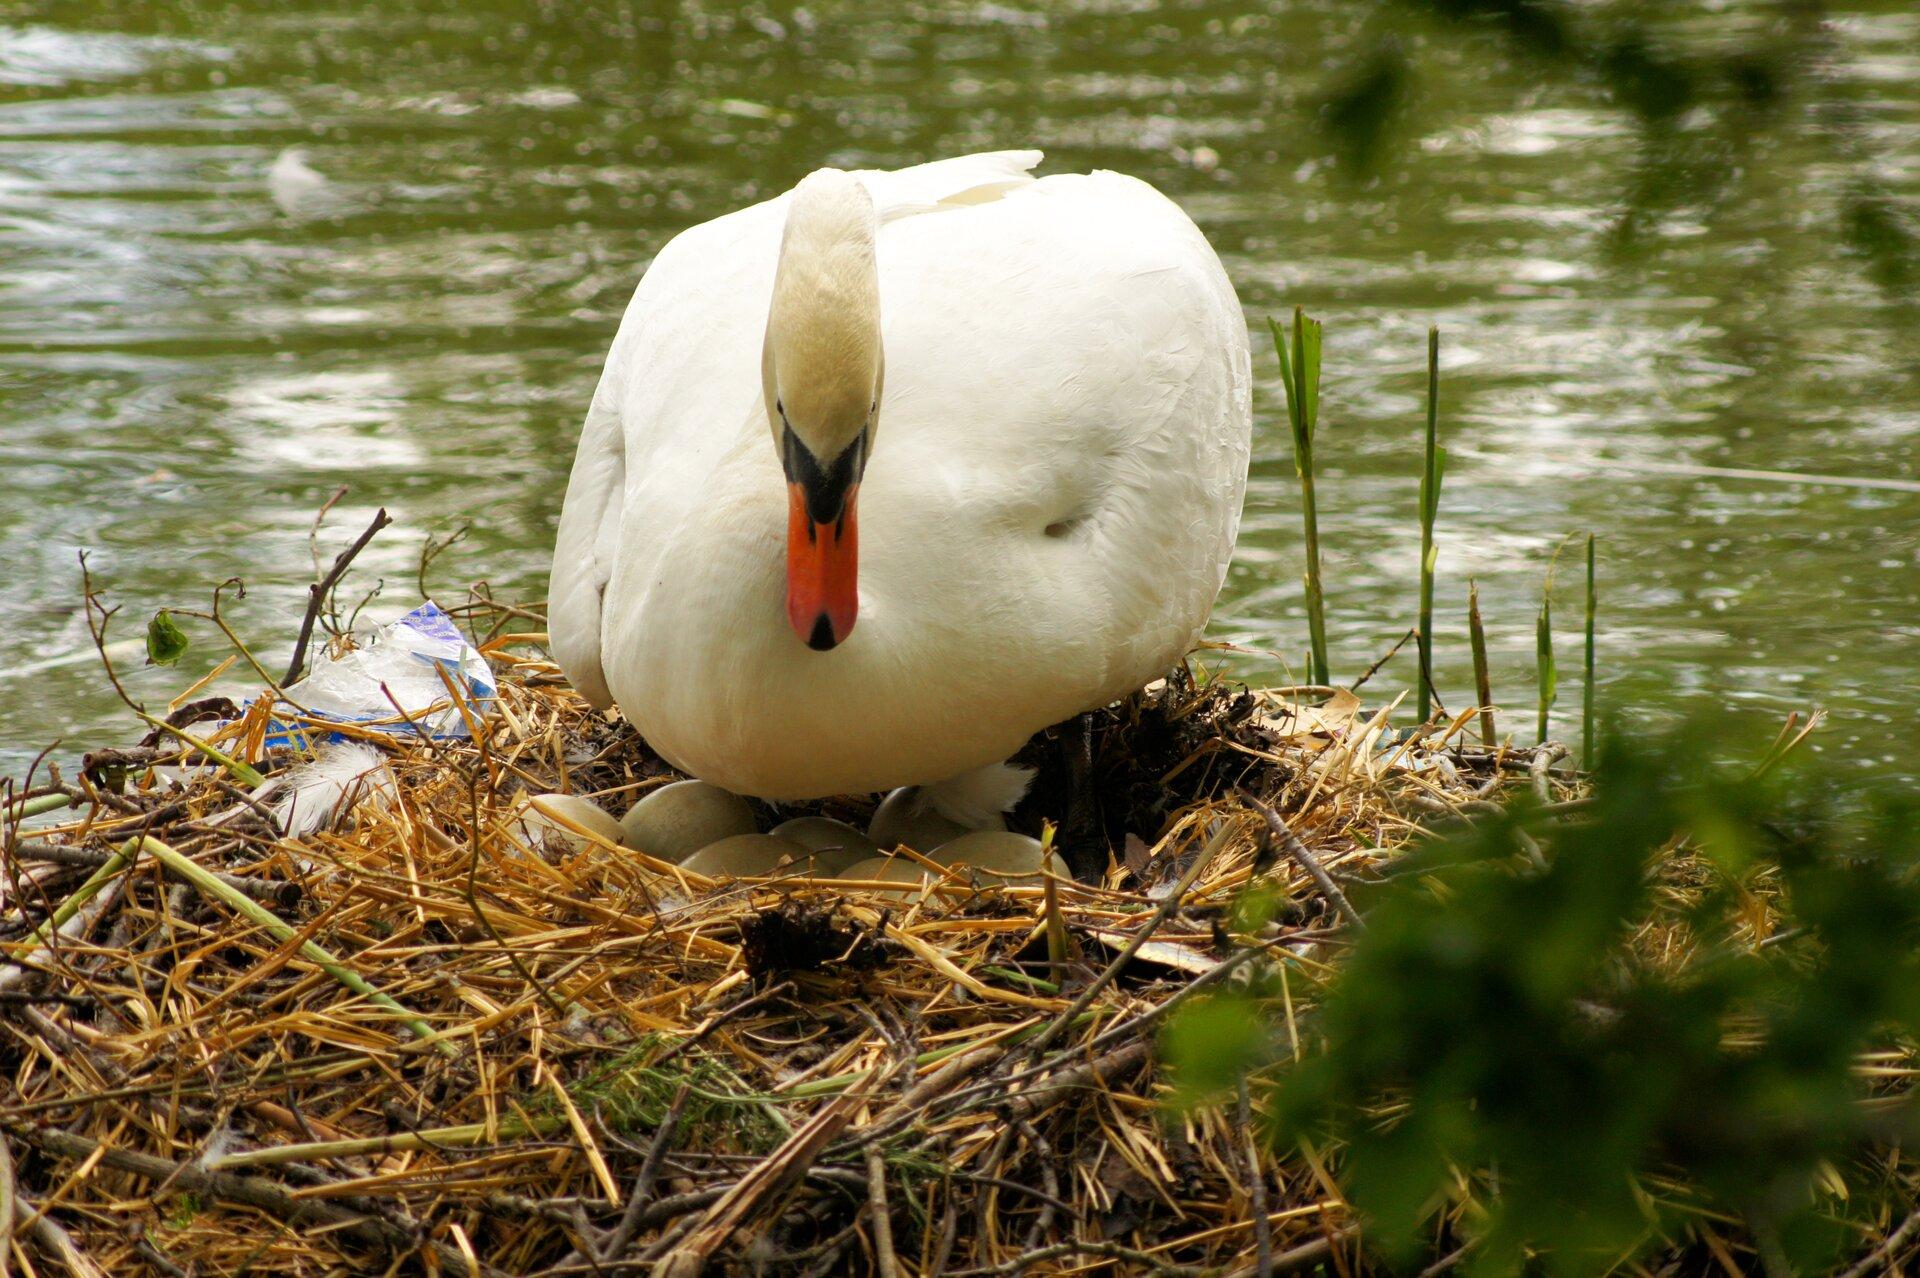 Fotografia przedstawia dużego, białego łabędzia zczerwonym dziobem skierowanym wdół. Ptak stoi nad gniazdem, zbudowanym zpatyków ipapierka. Gniazdo mieści się na brzegu, przy samej wodzie. Znajduje się wnim kilka dużych jaj. Ptaki są jajorodne.